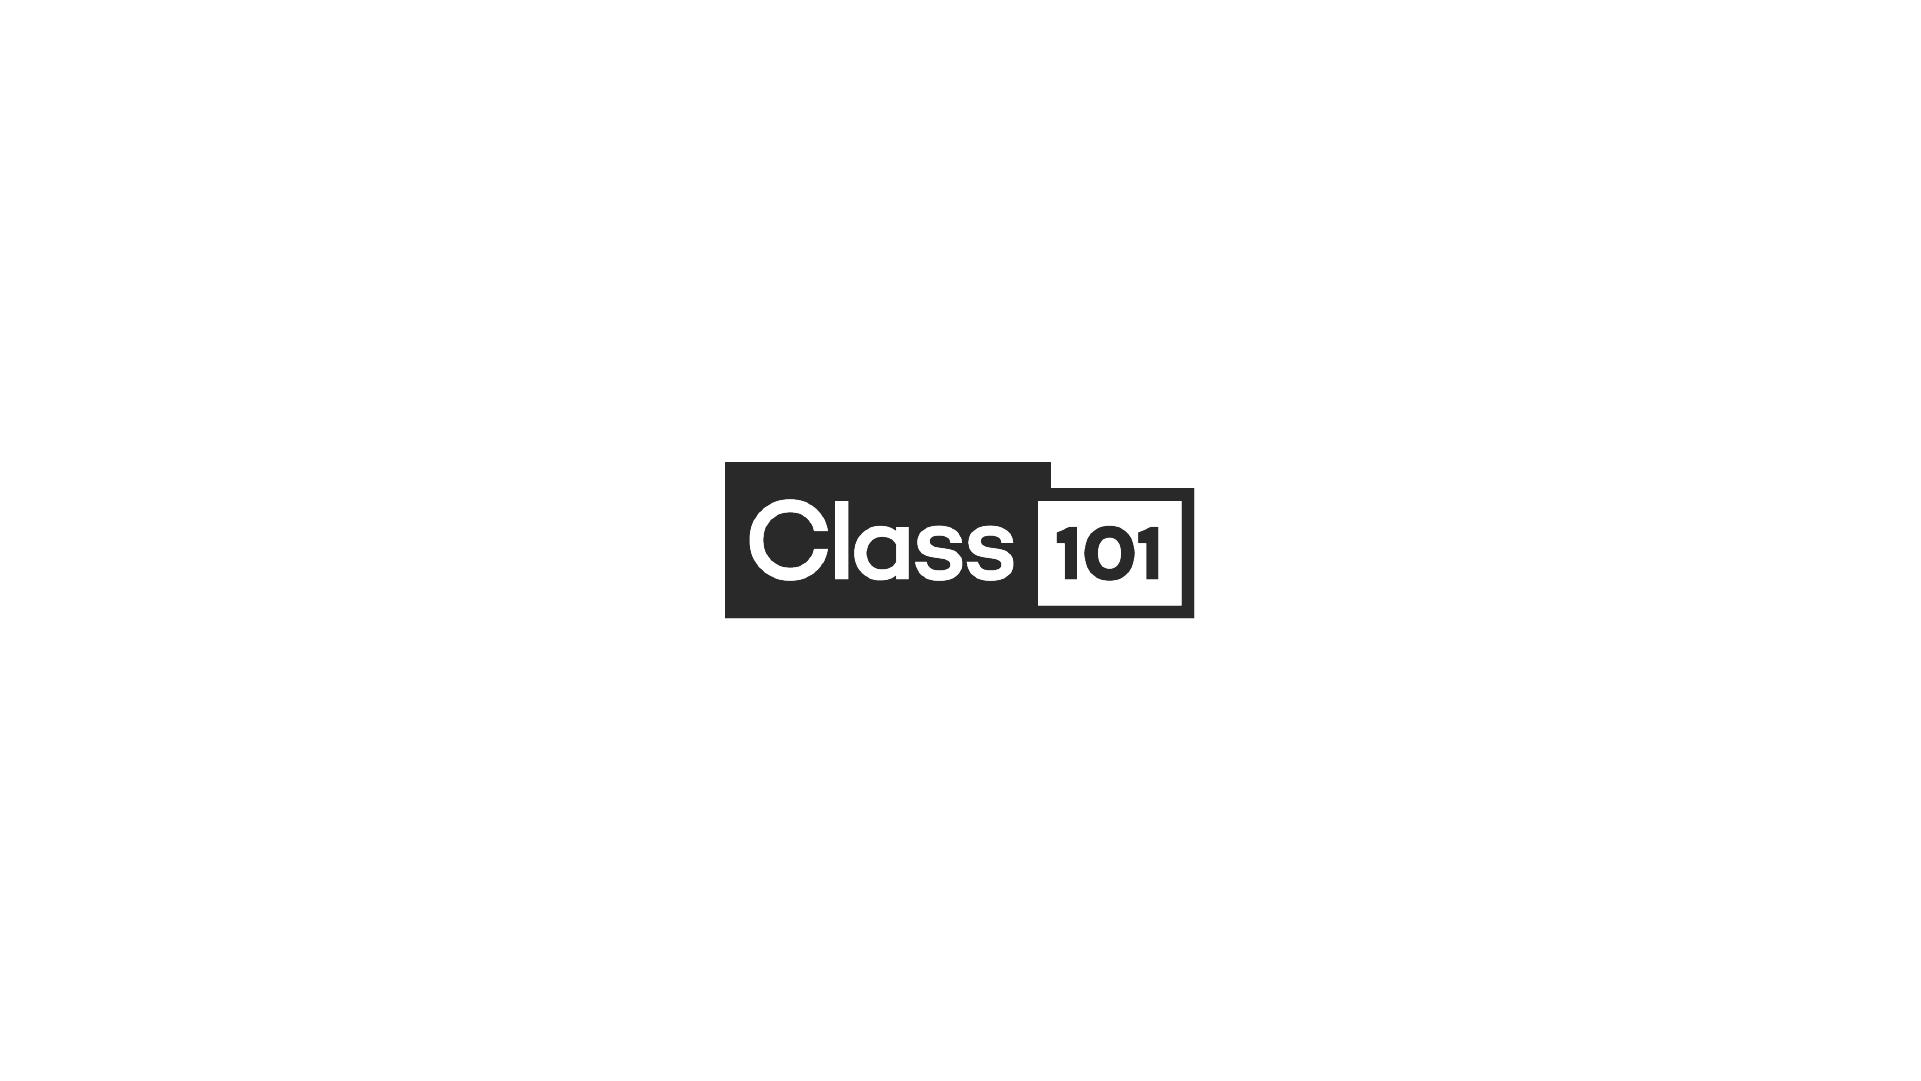 (주)클래스101